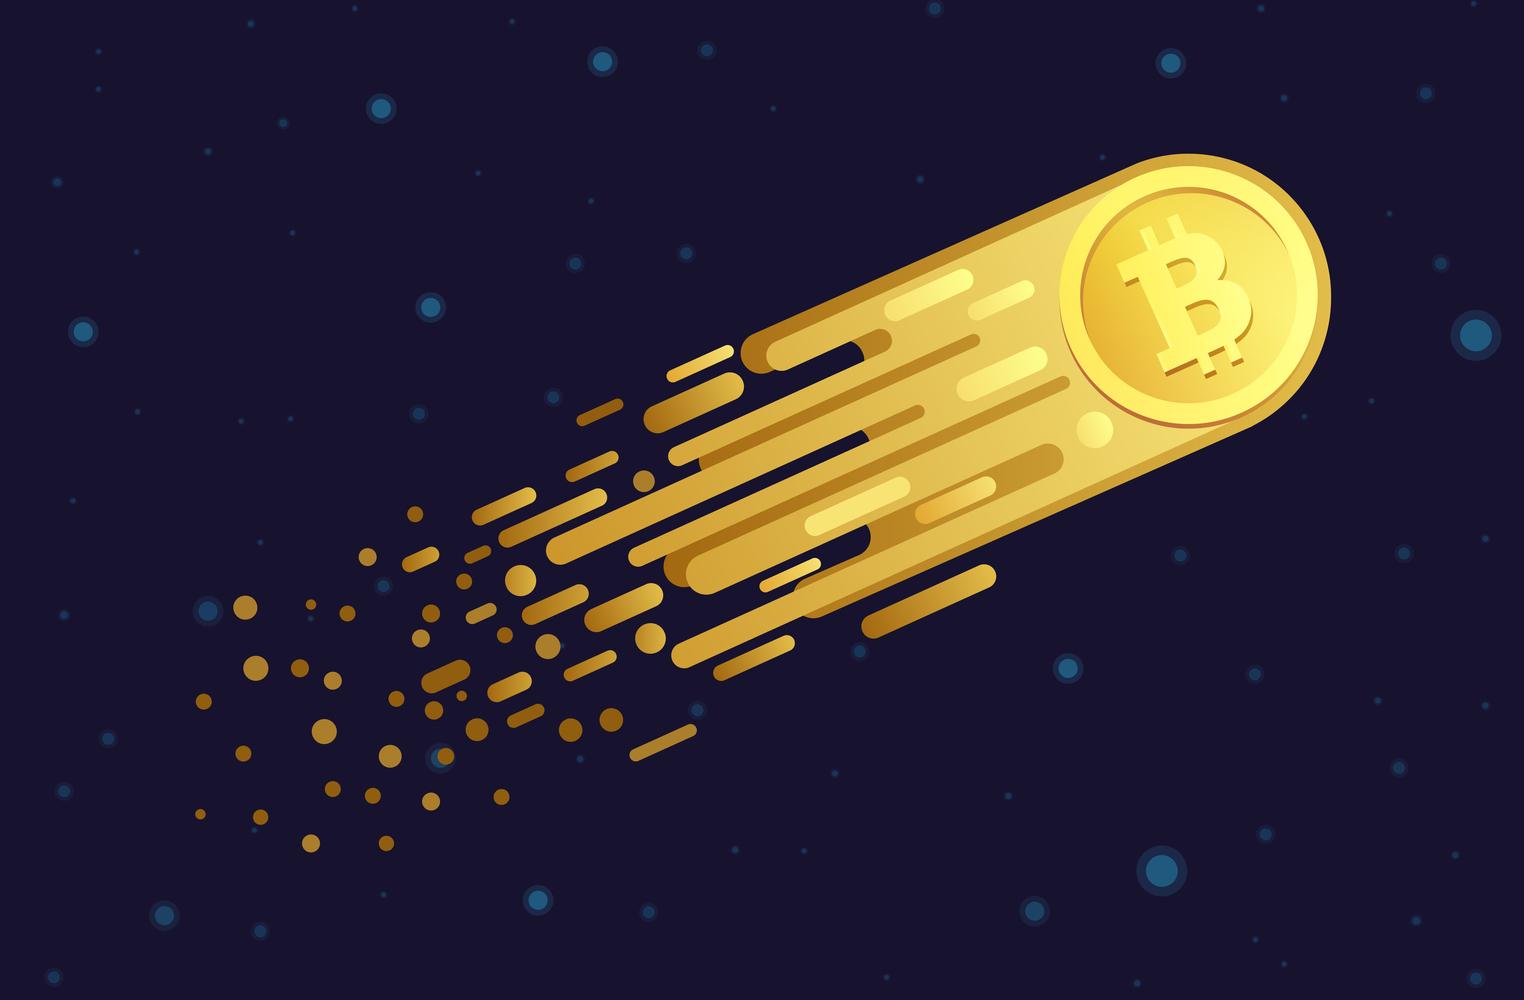 Инвесторы гадают, поднимется ли биткоин до 100000 долларов